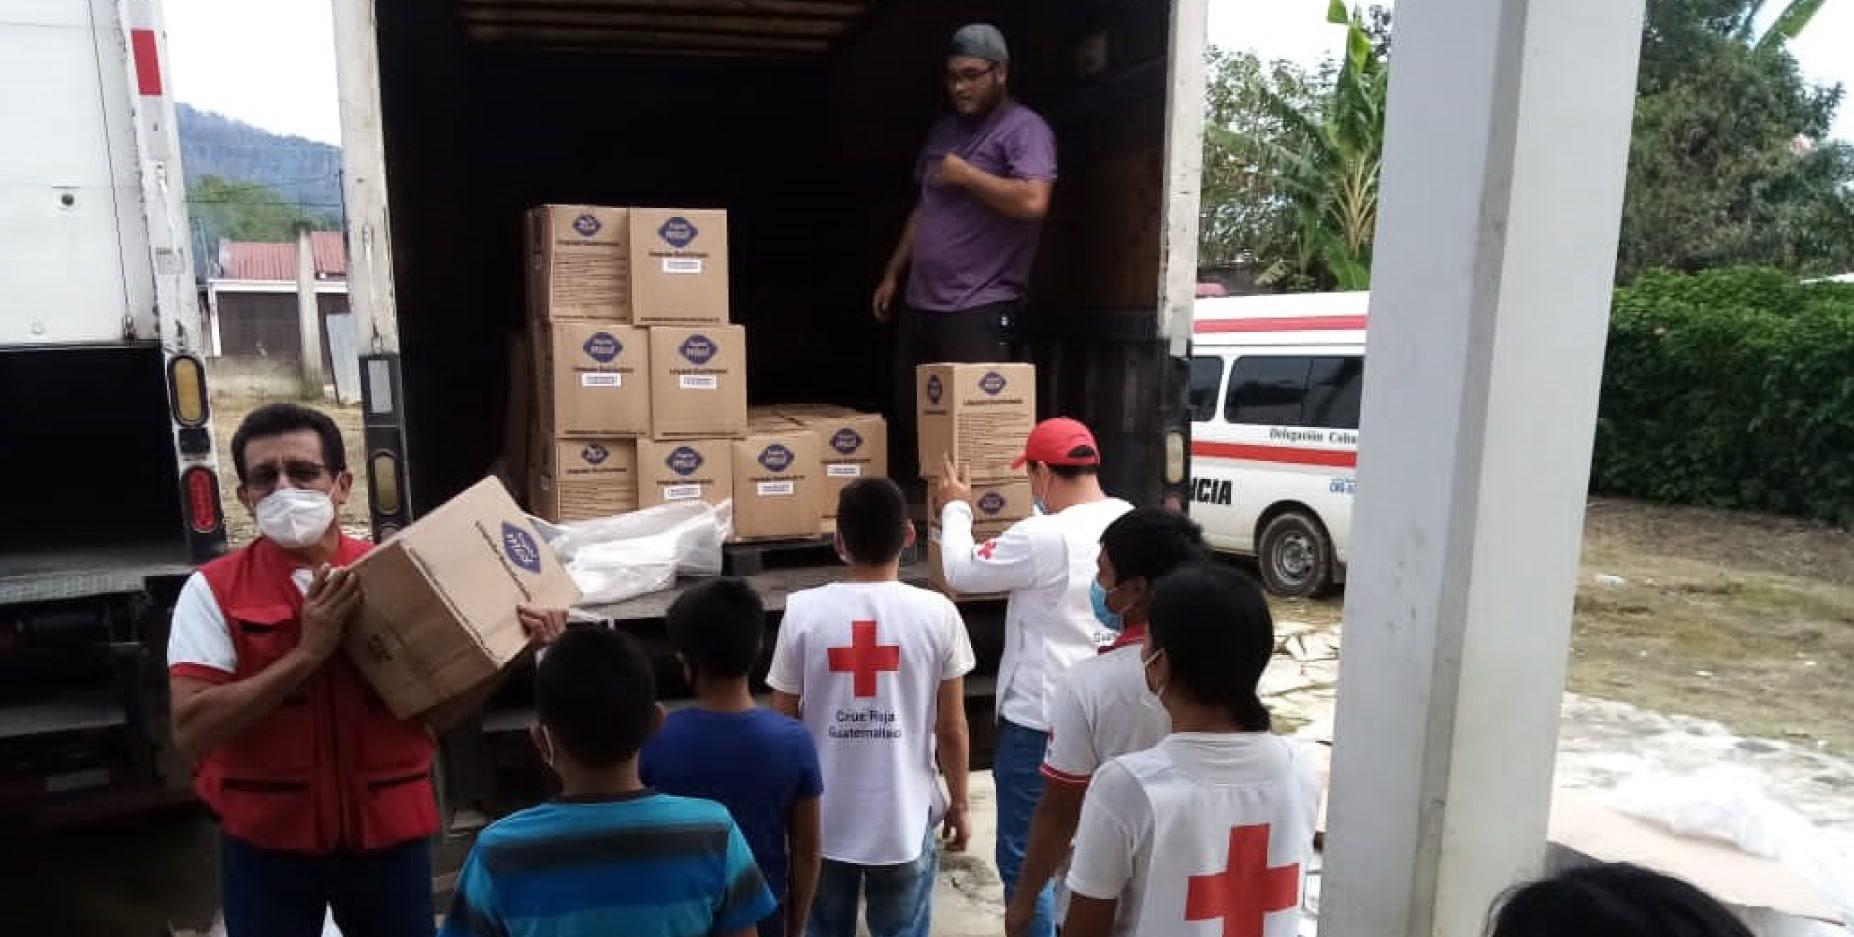 Walmart y el Fondo de Ayuda para Desastres de la Fundación Walmart en CAF América ayudan a las familias afectadas por los huracanes Iota y Eta en Centroamérica con $ 1 millón en apoyo